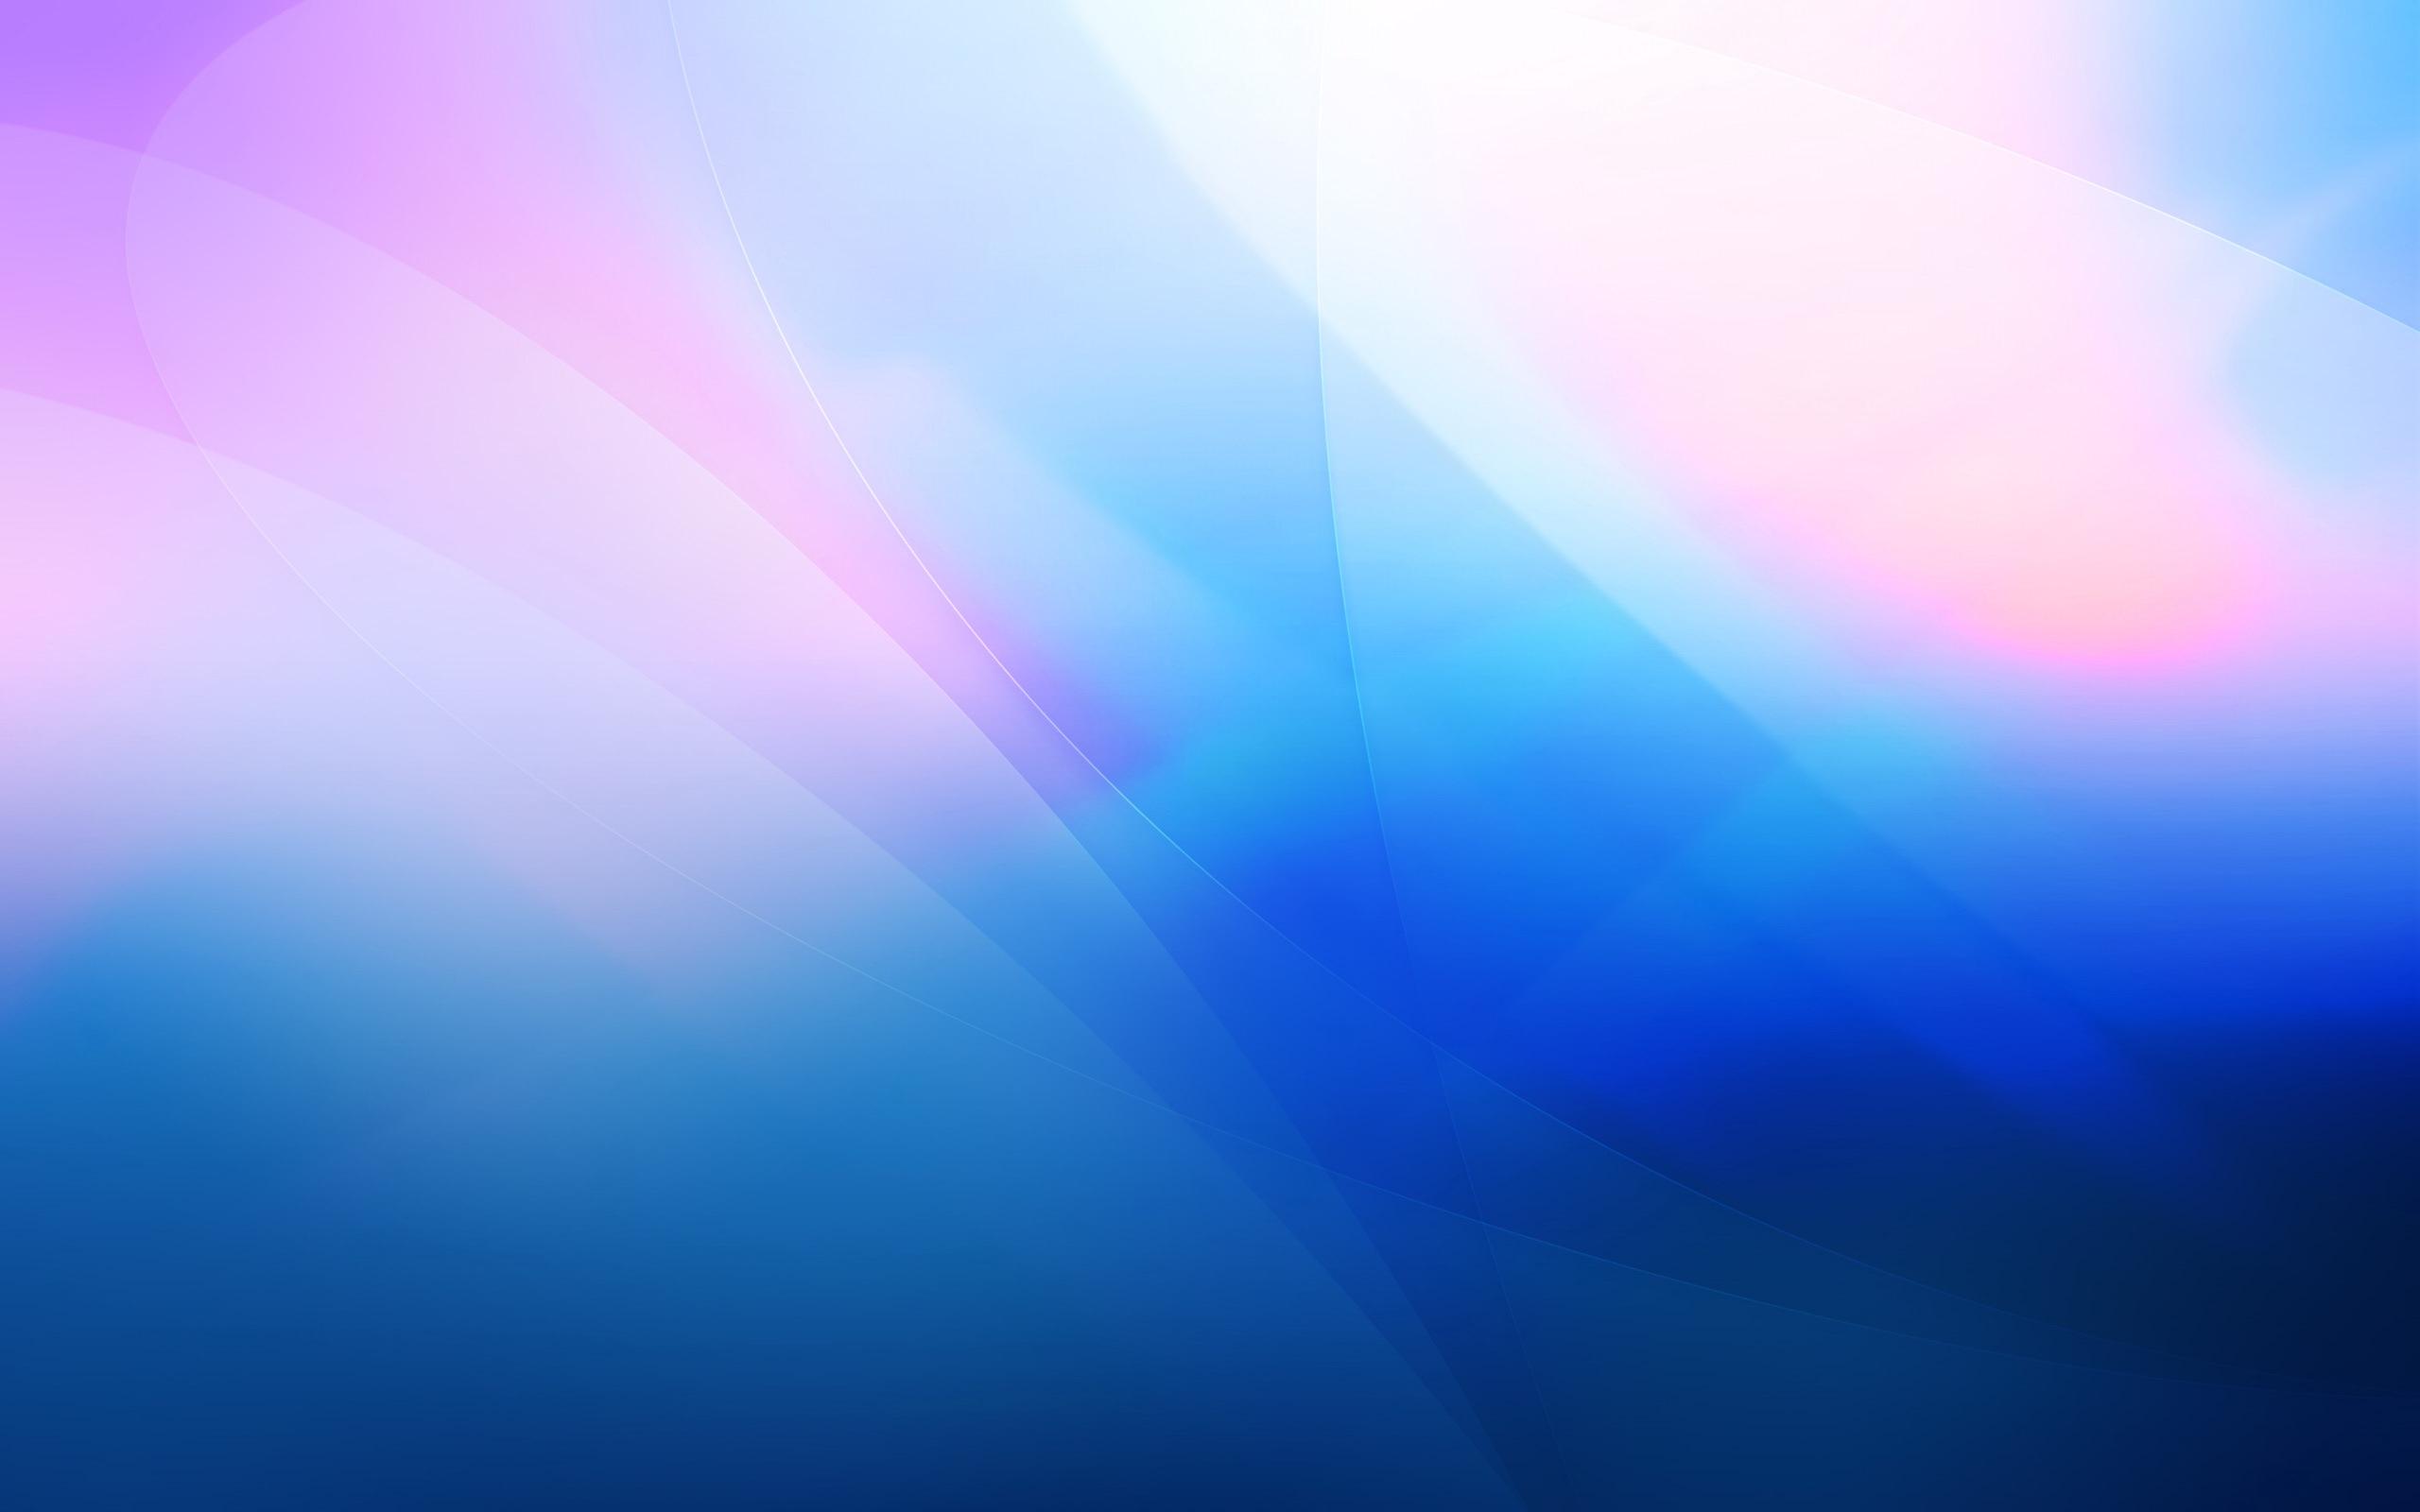 голубая абстракция бесплатно